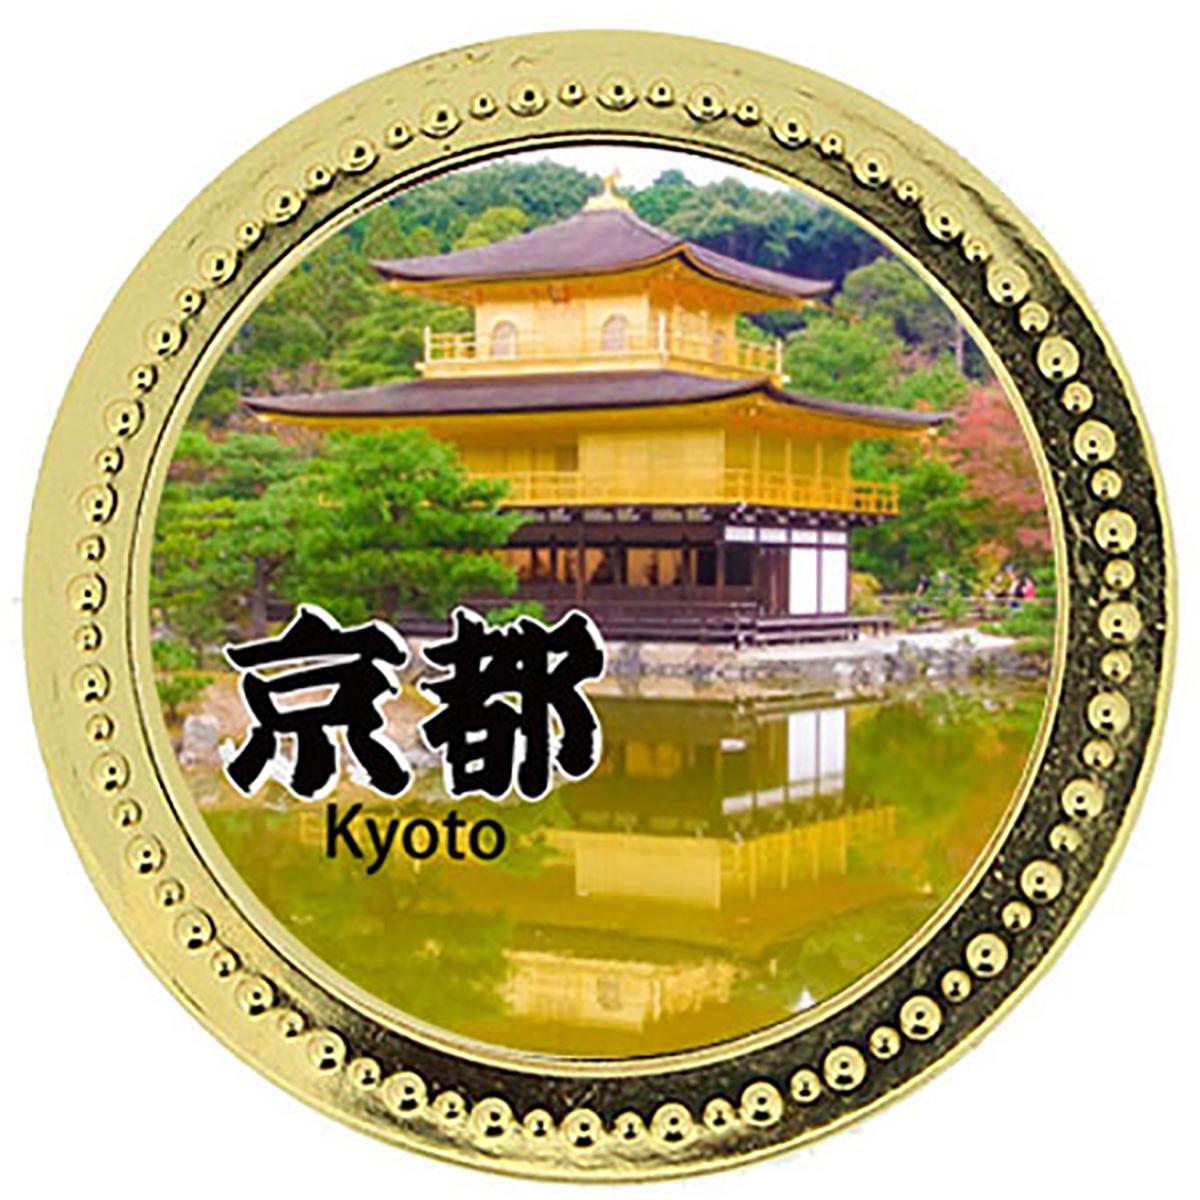 ホクシン交易 京都 観光スポットマーカー